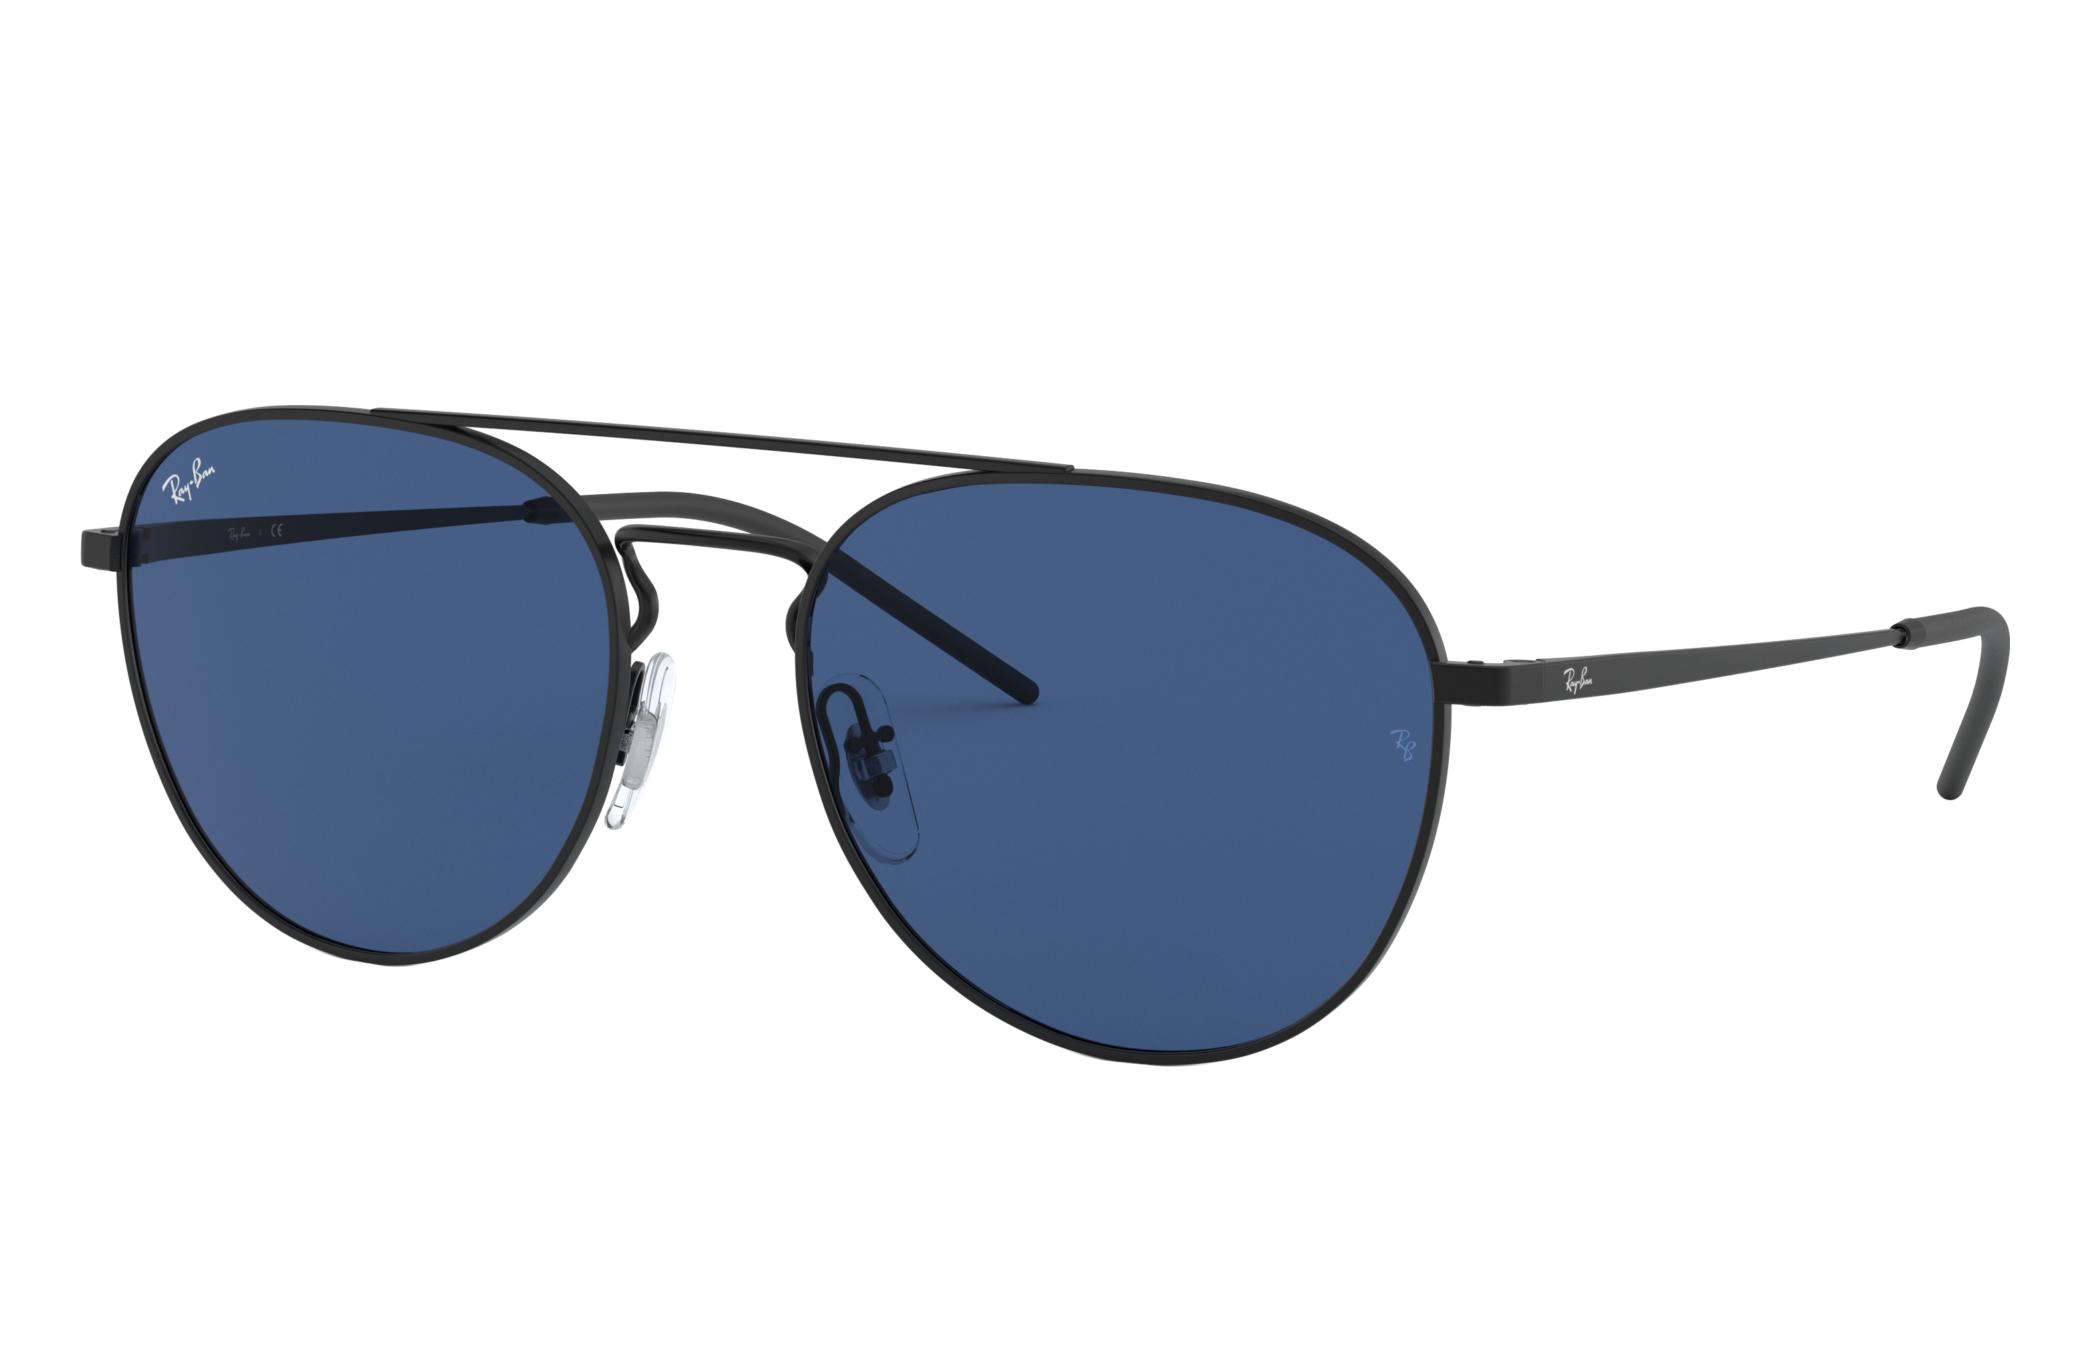 Ray-Ban Rb3589 Black, Blue Lenses - RB3589